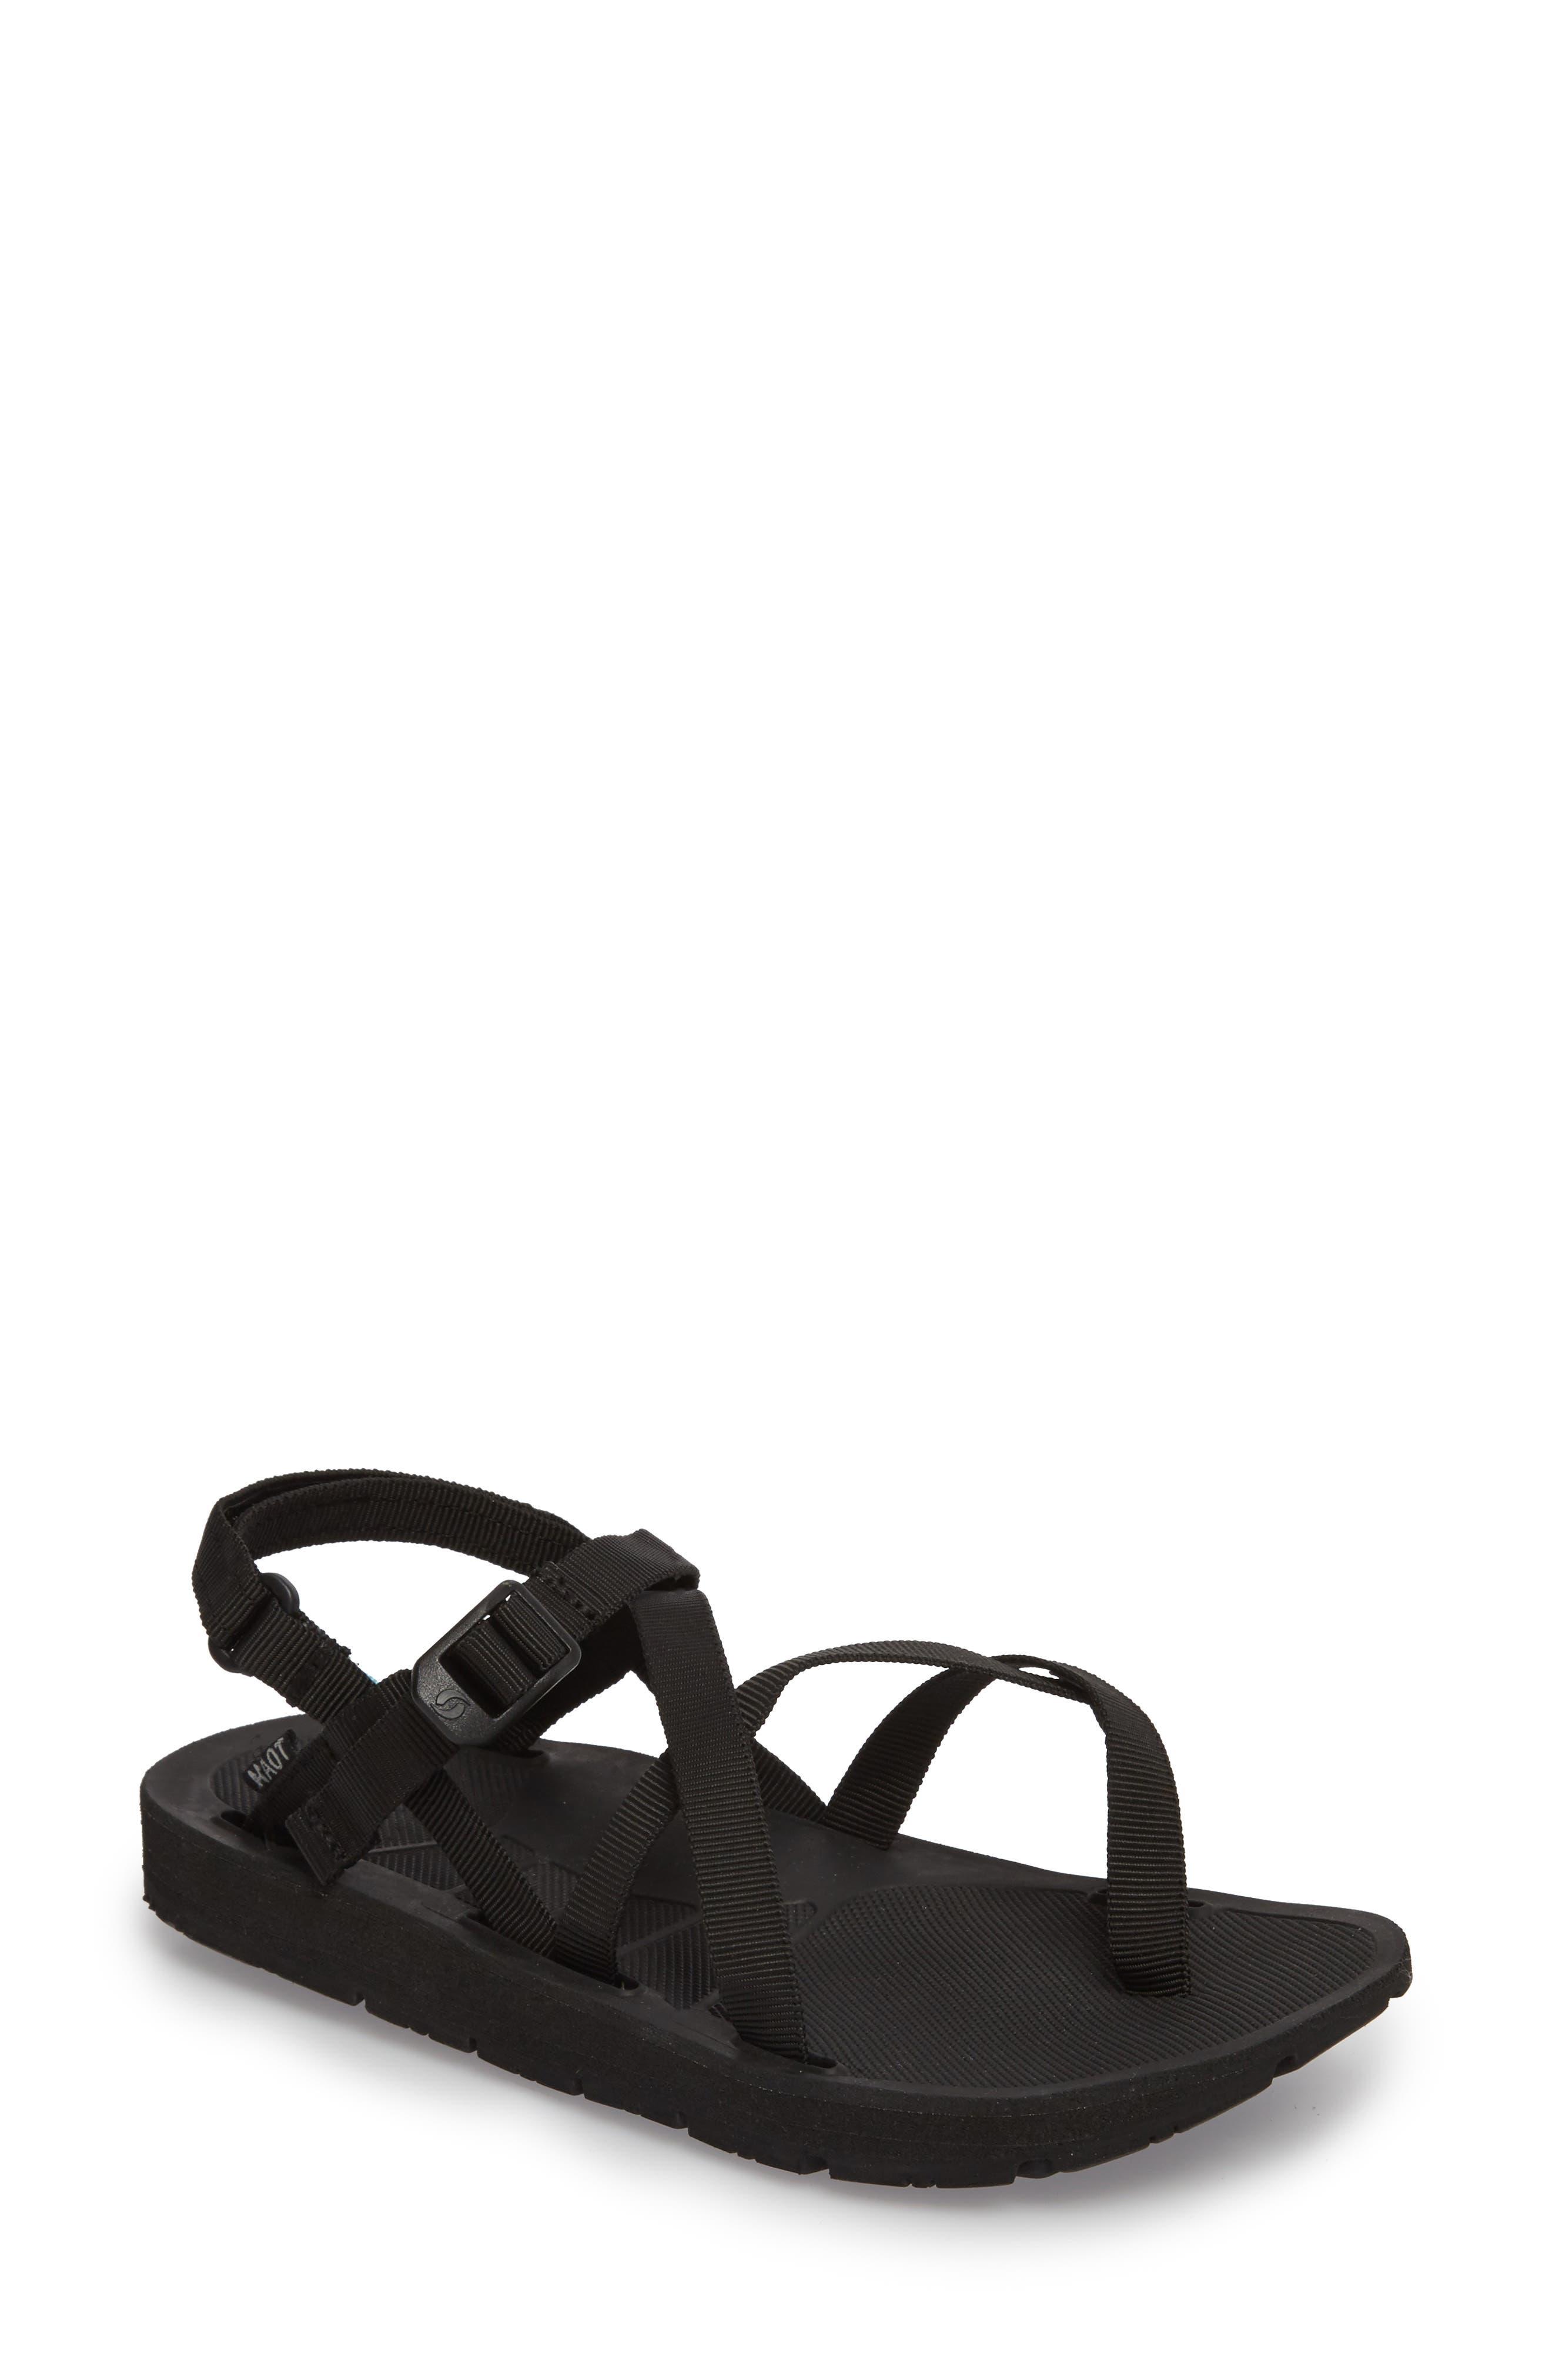 NAOT Shore Sandal, Main, color, BLACK FABRIC